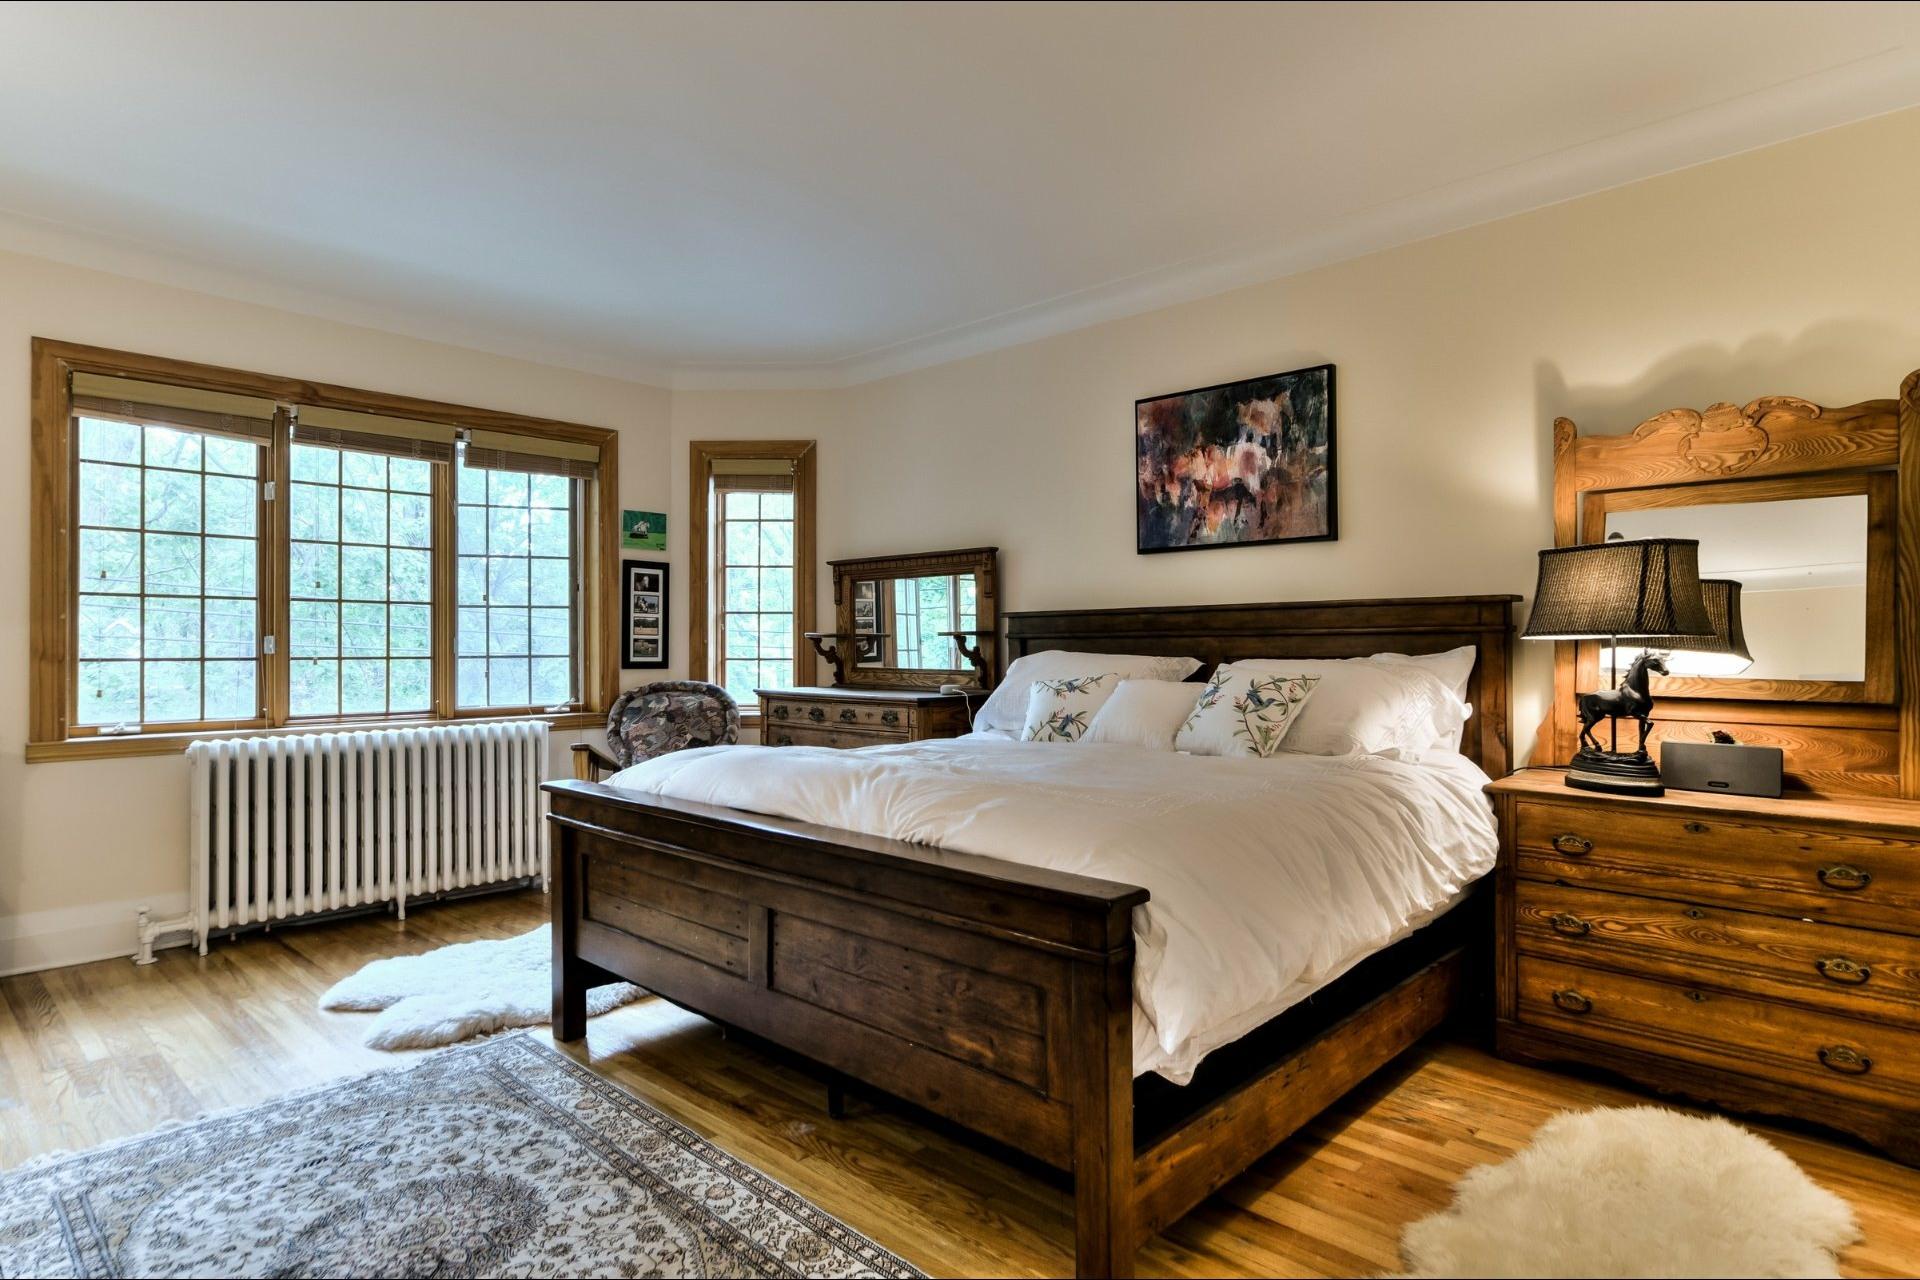 image 20 - House For sale Côte-des-Neiges/Notre-Dame-de-Grâce Montréal  - 13 rooms